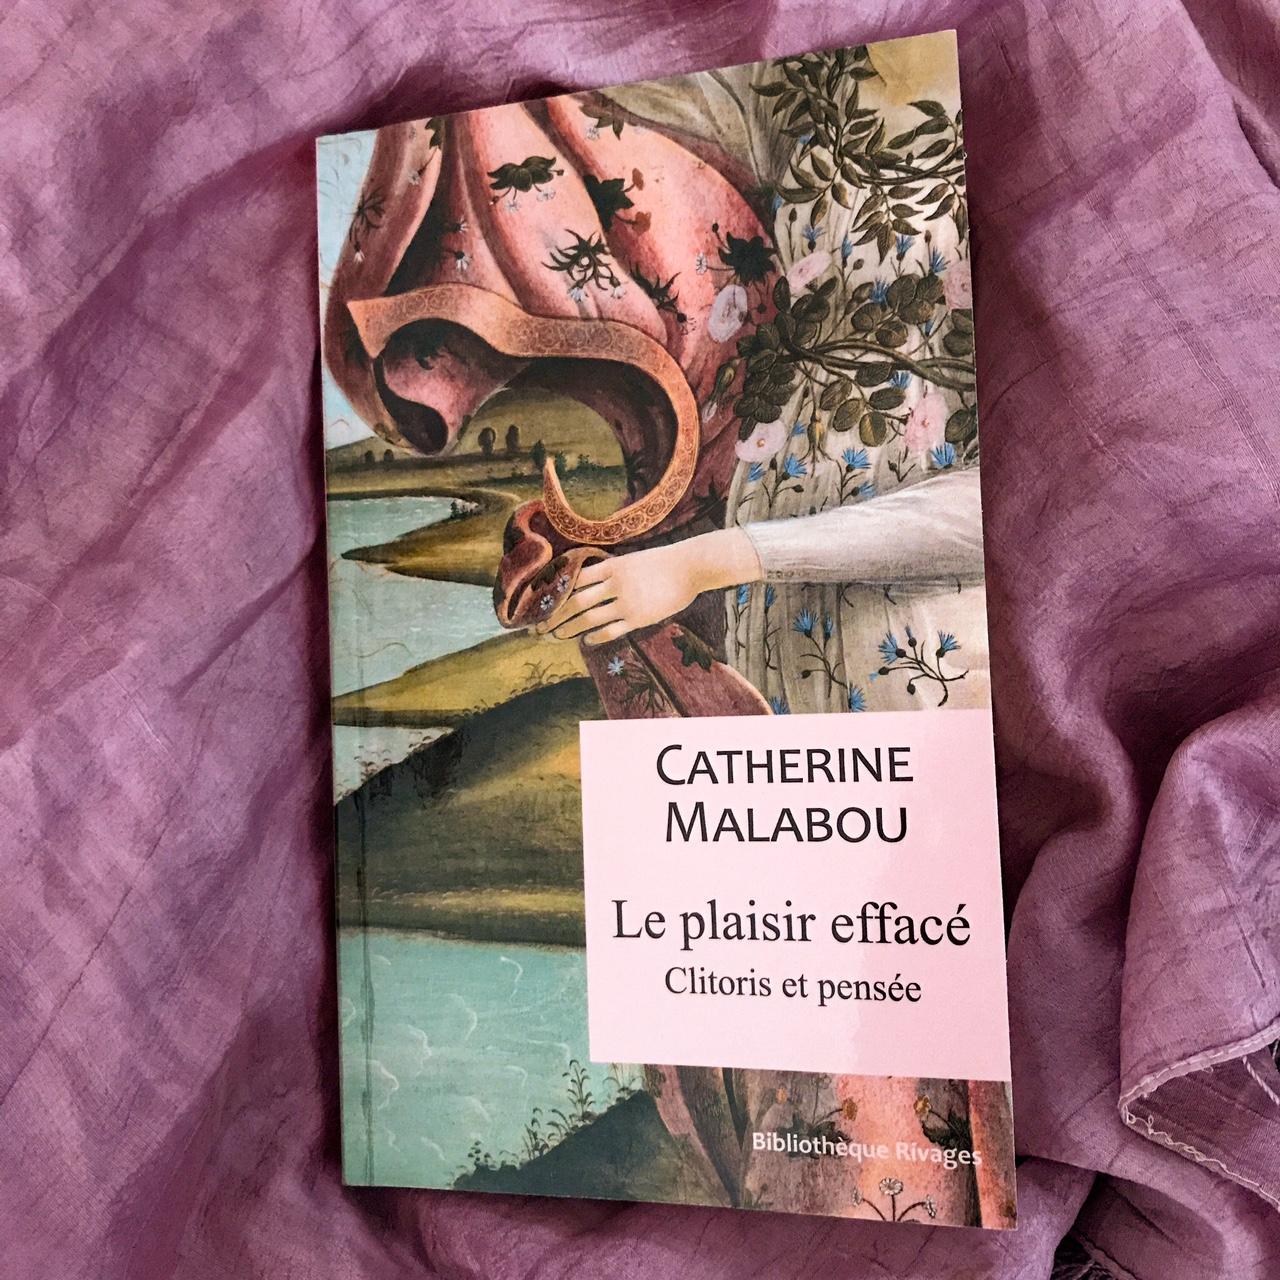 Le plaisir effacé, de Catherine Malabou : clitoris et pensée